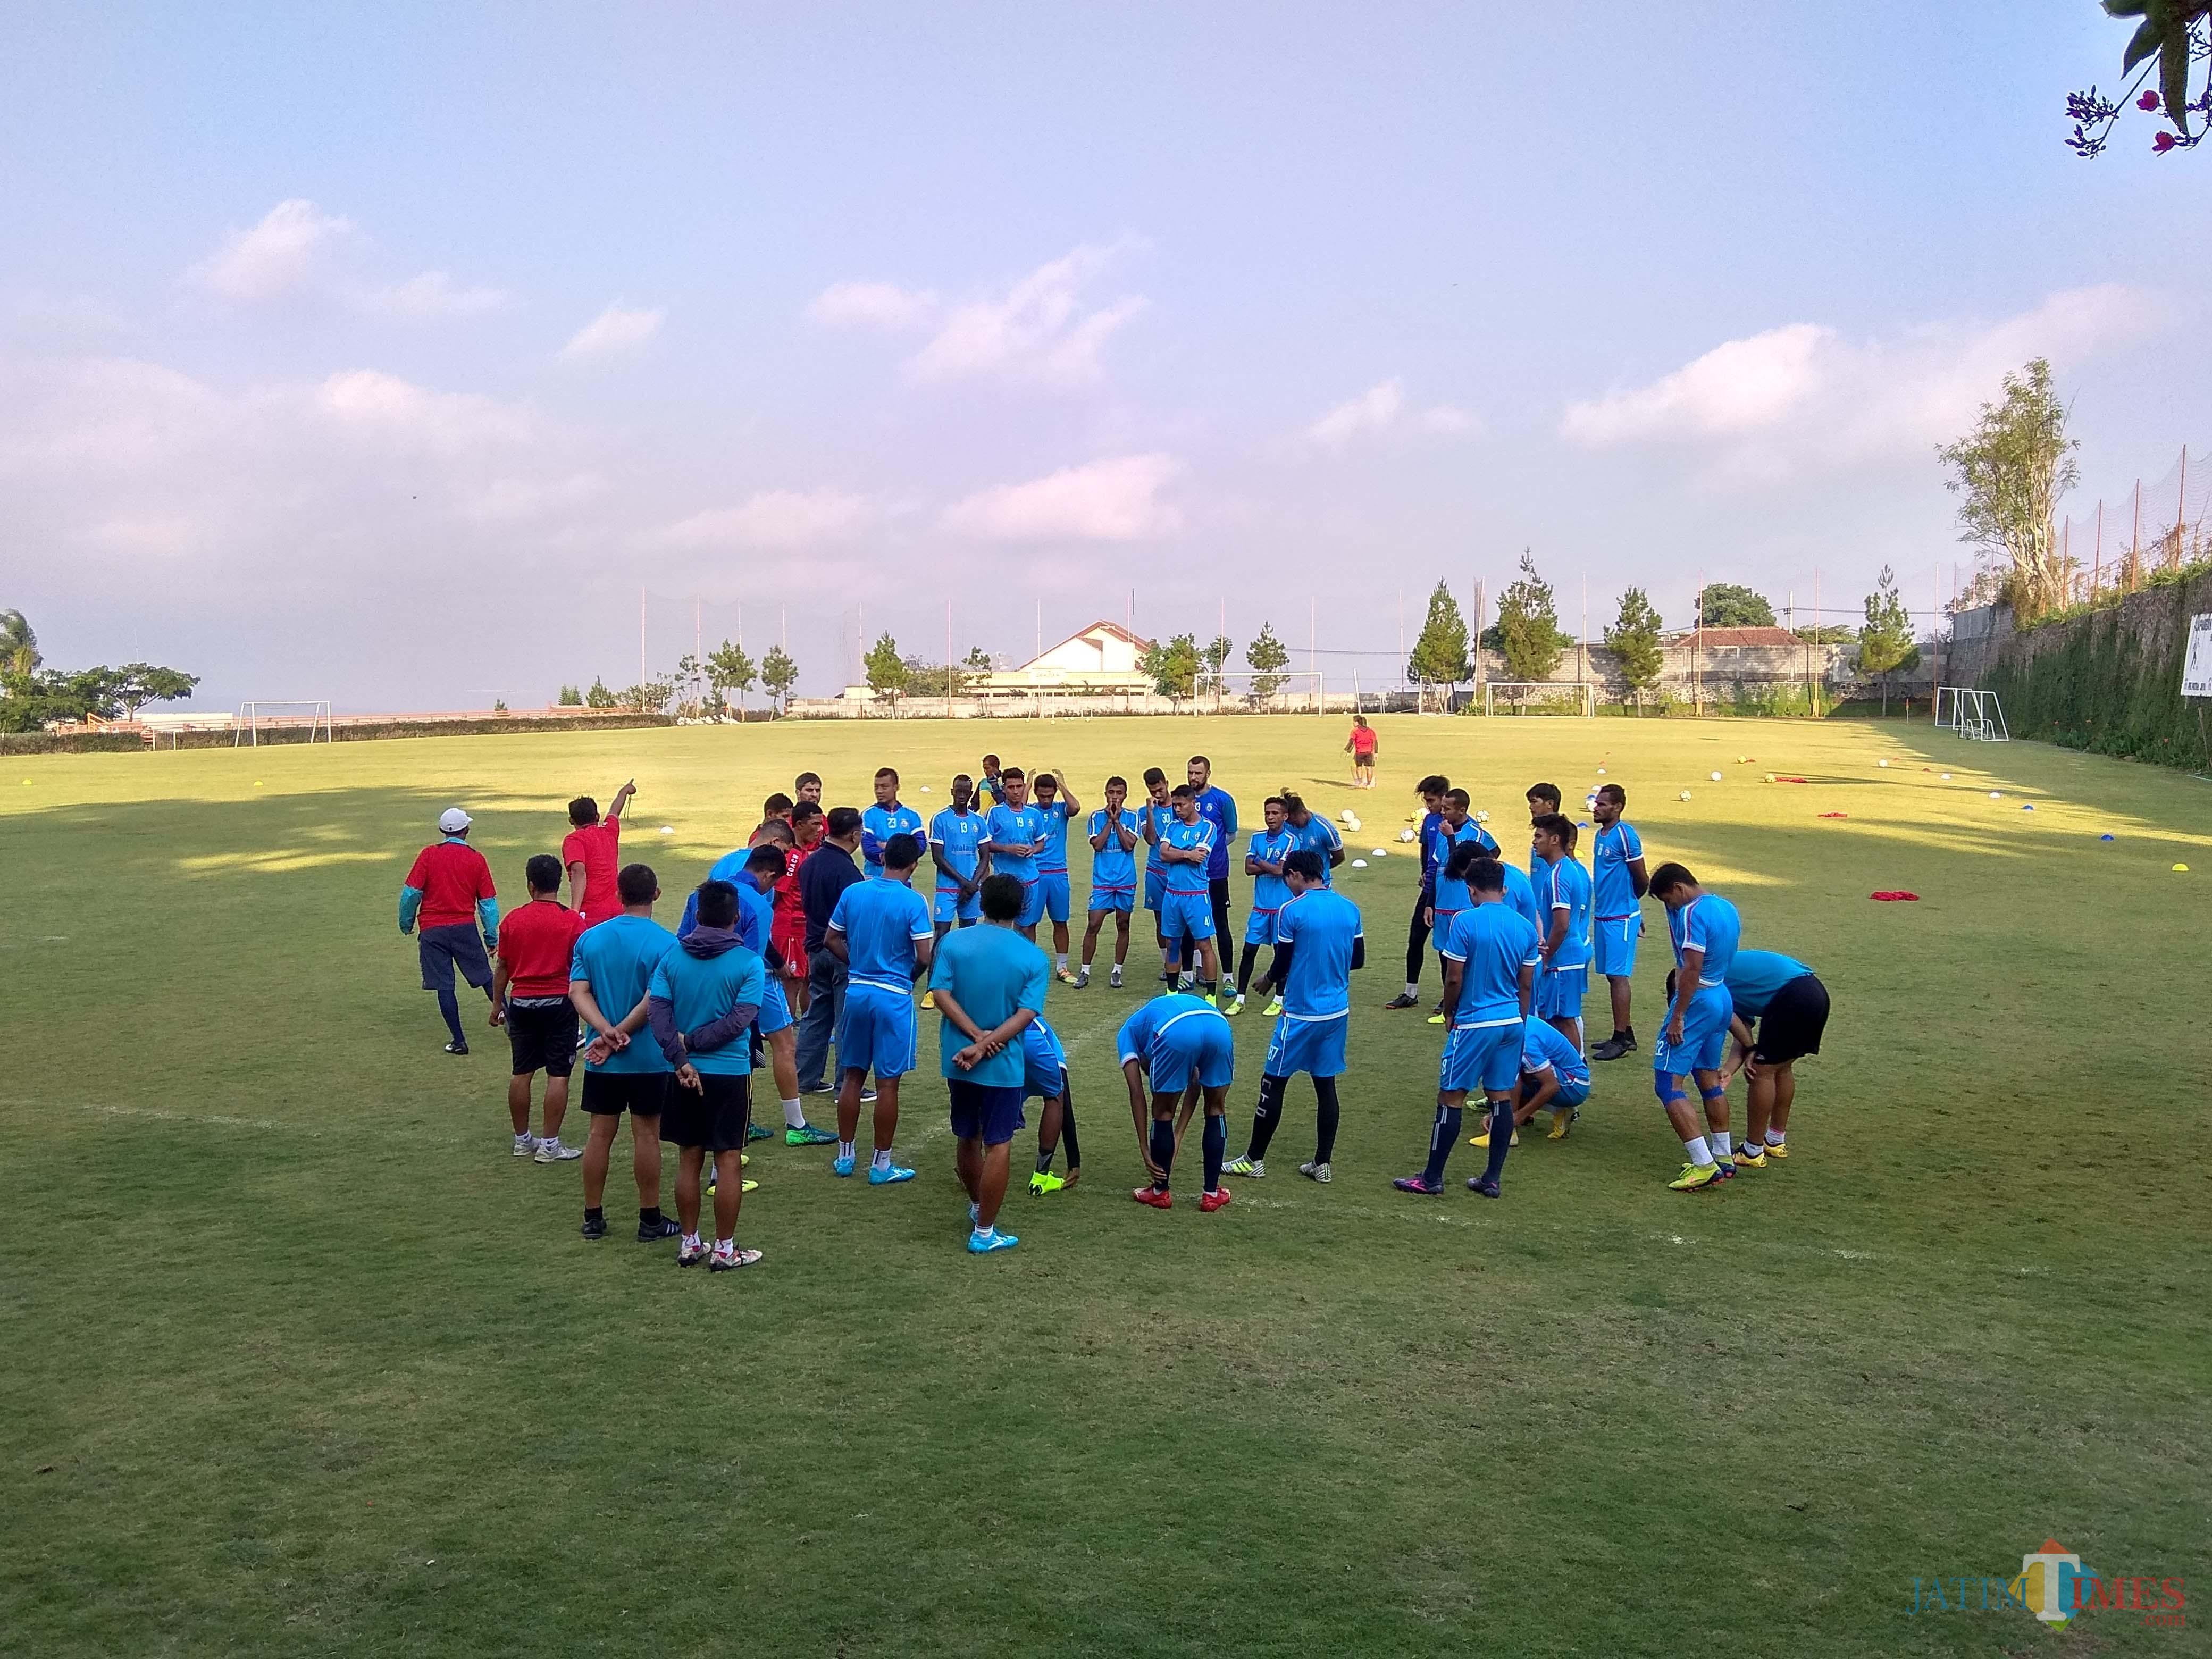 Arema FC ketika menjalani latihan di Lapangan Agro kusuma, Kota Batu (Hendra Saputra)